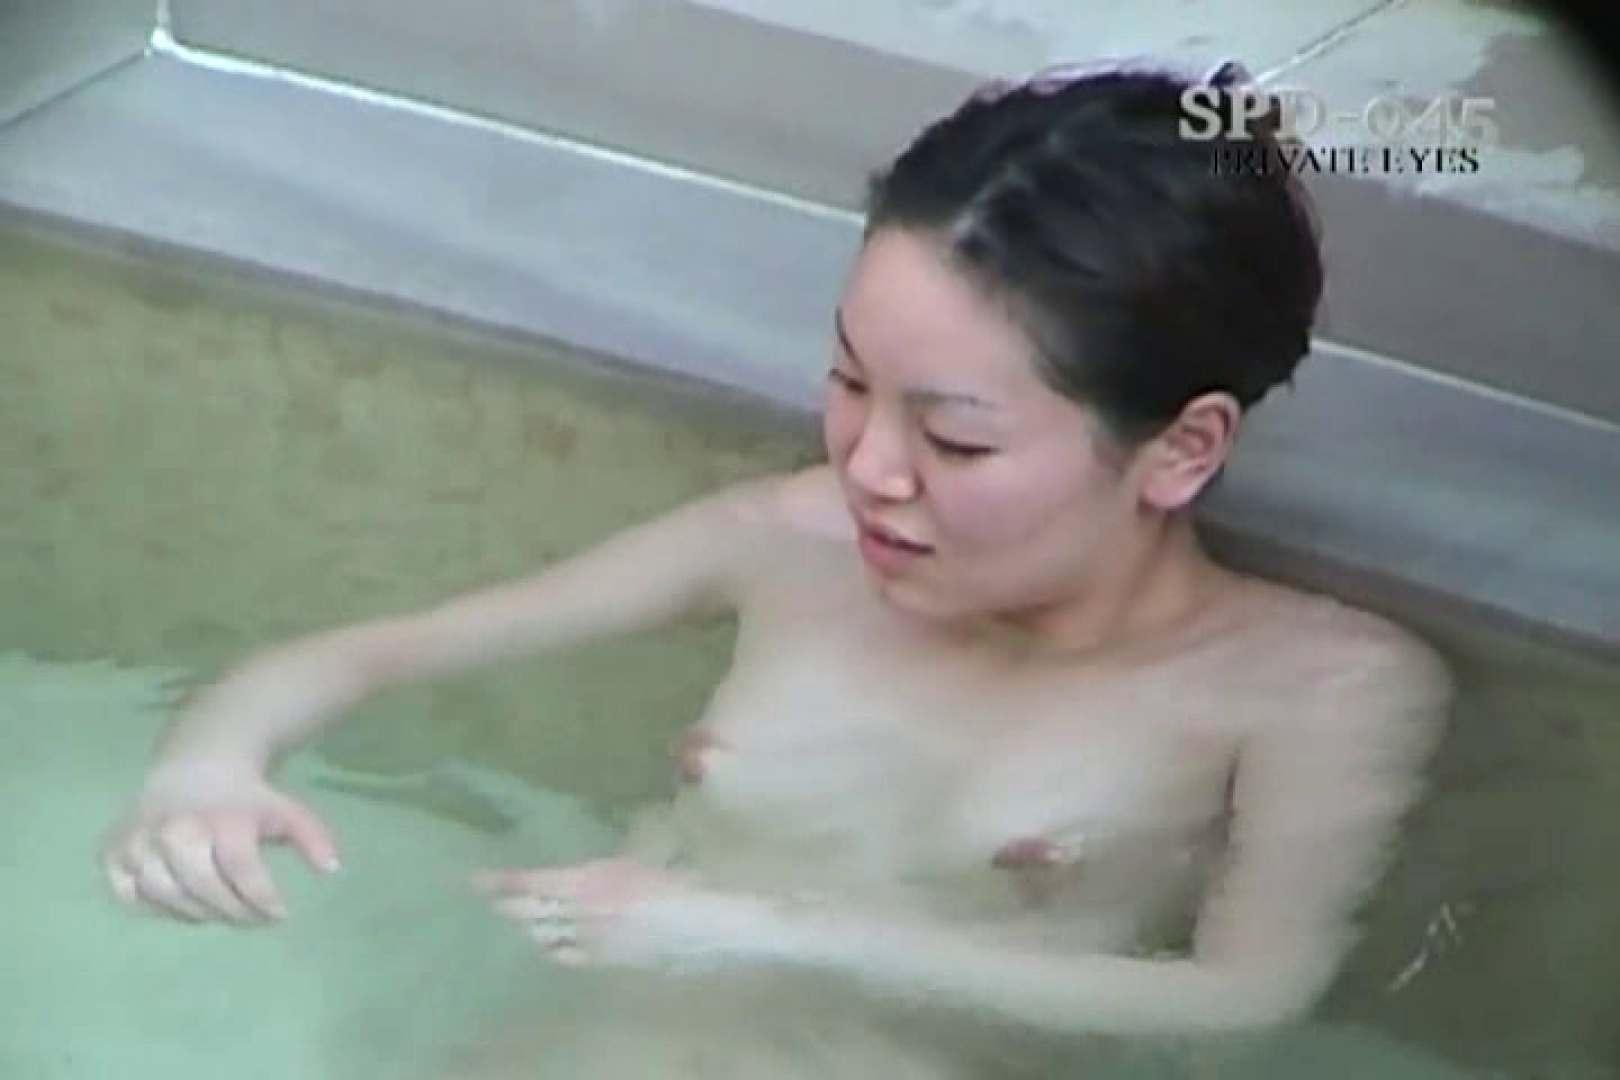 高画質版!SPD-045 新・露天浴場 5 高画質 盗み撮りAV無料動画キャプチャ 52画像 42